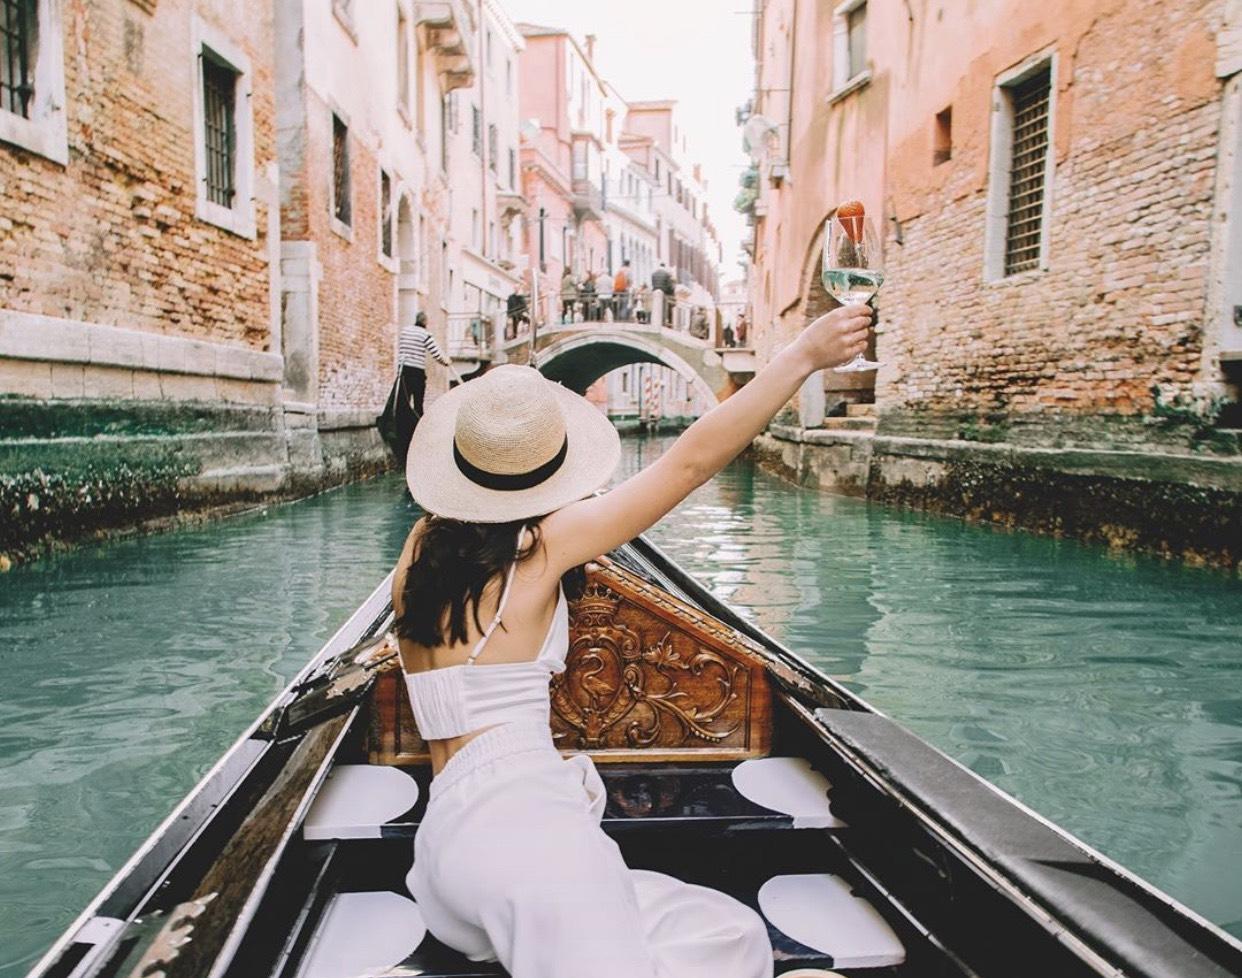 Turismo dalla Cina: i mezzi digitali per attirare i viaggiatori in Italia